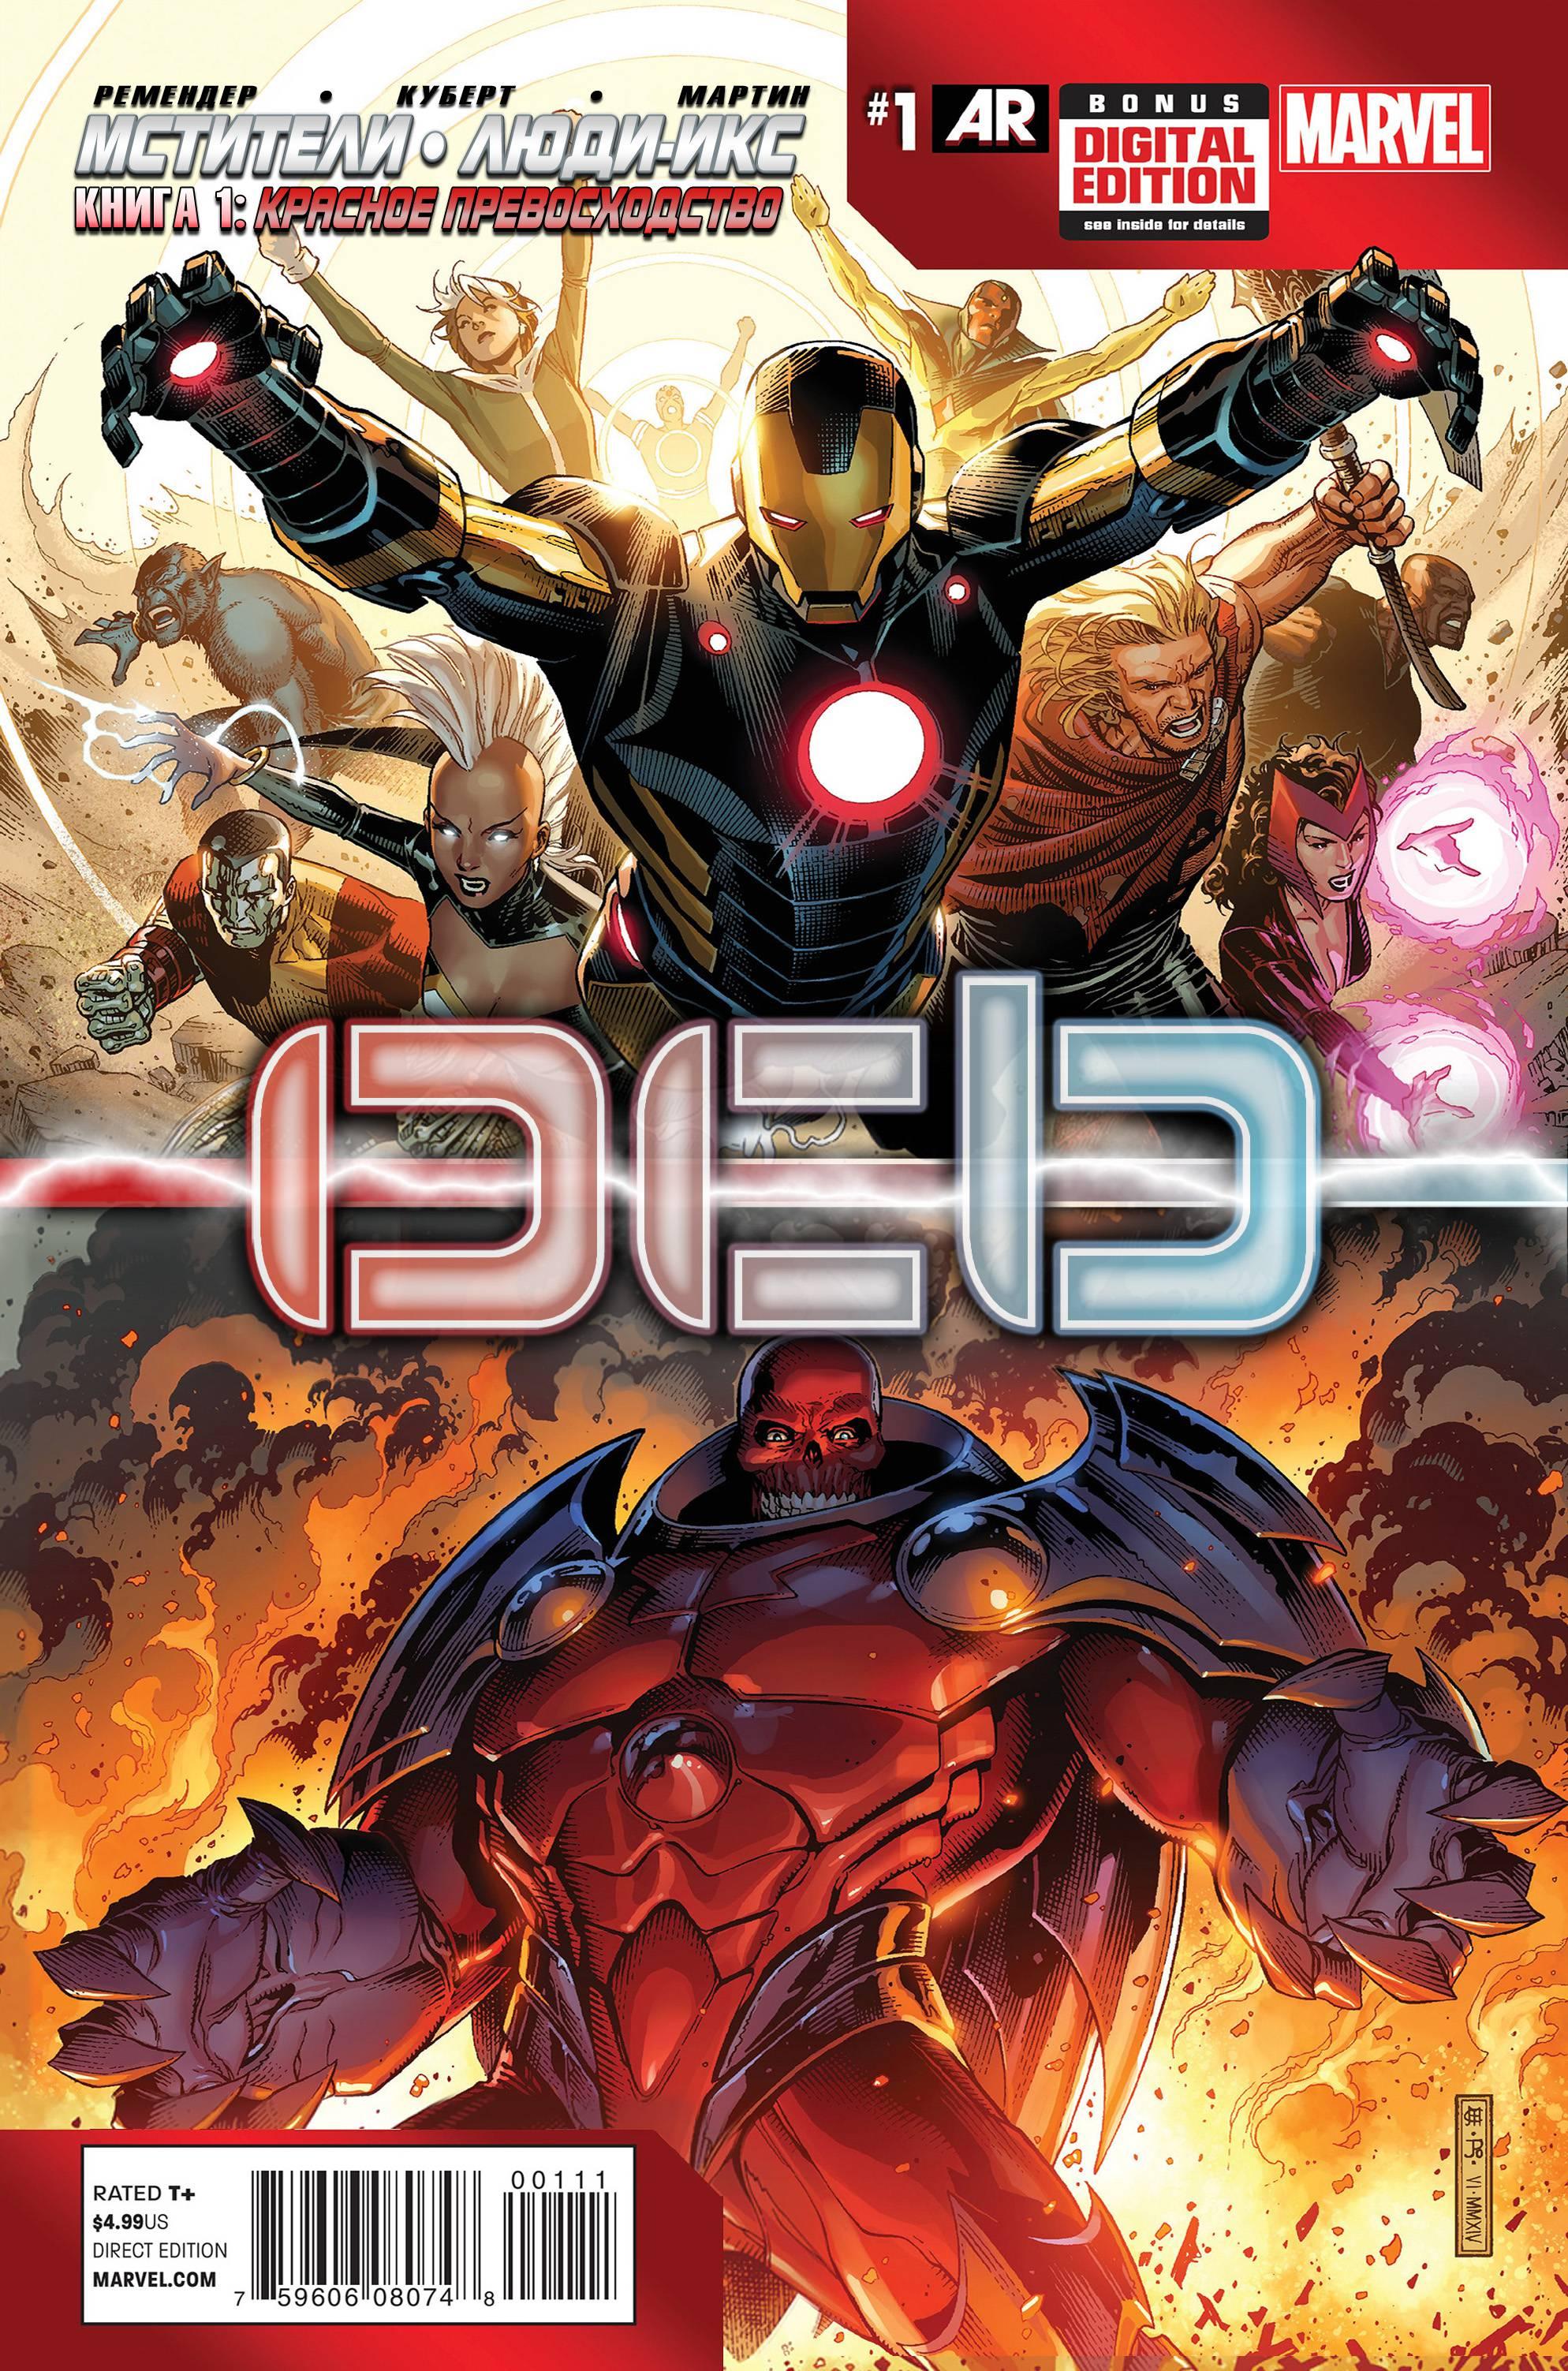 Мстители и Люди-Икс: Ось №1 онлайн